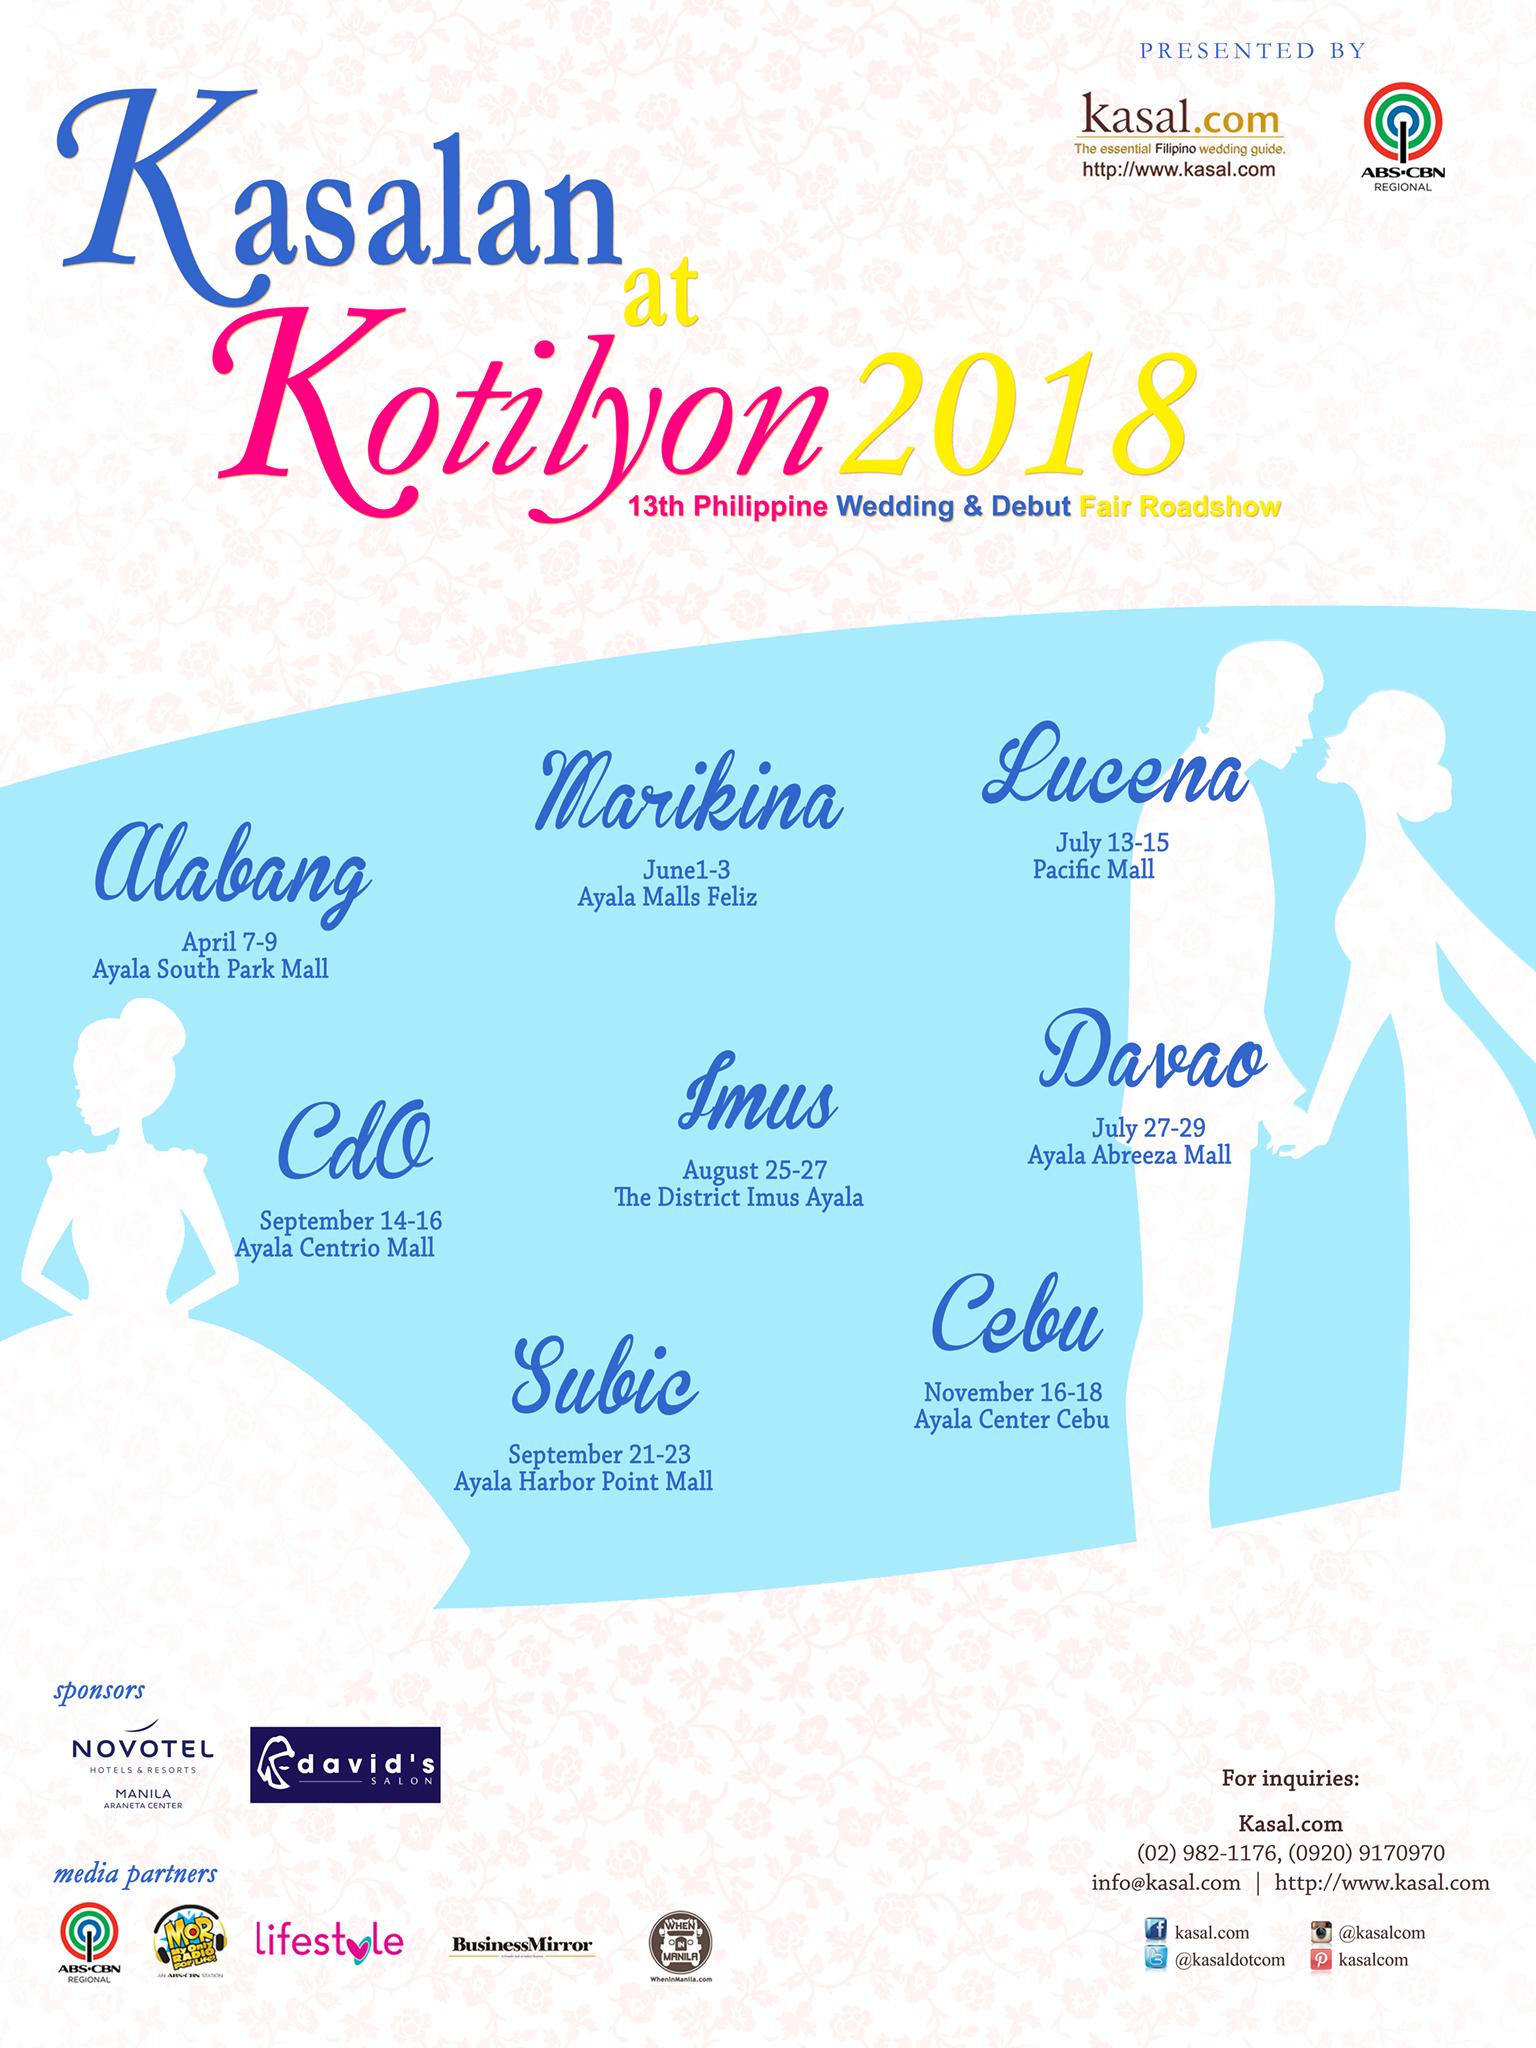 kasalan at kotilyon 2018 official poster